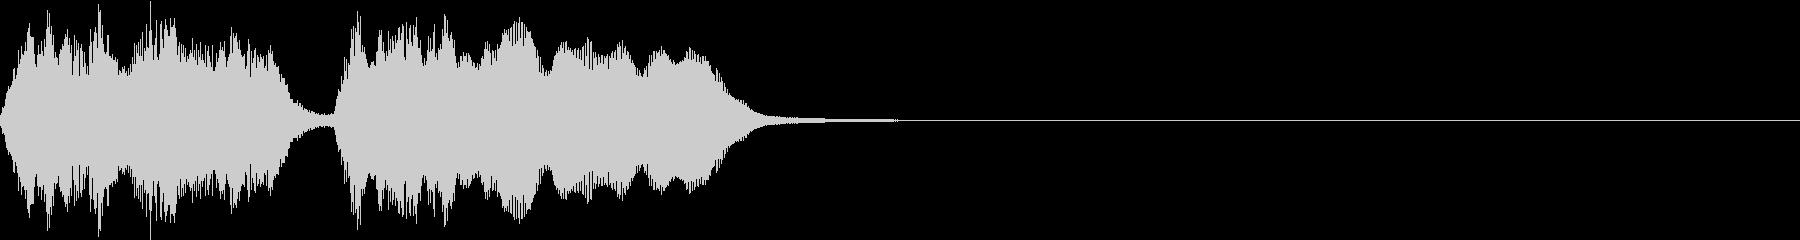 シンプル トランペット ファンファーレCの未再生の波形